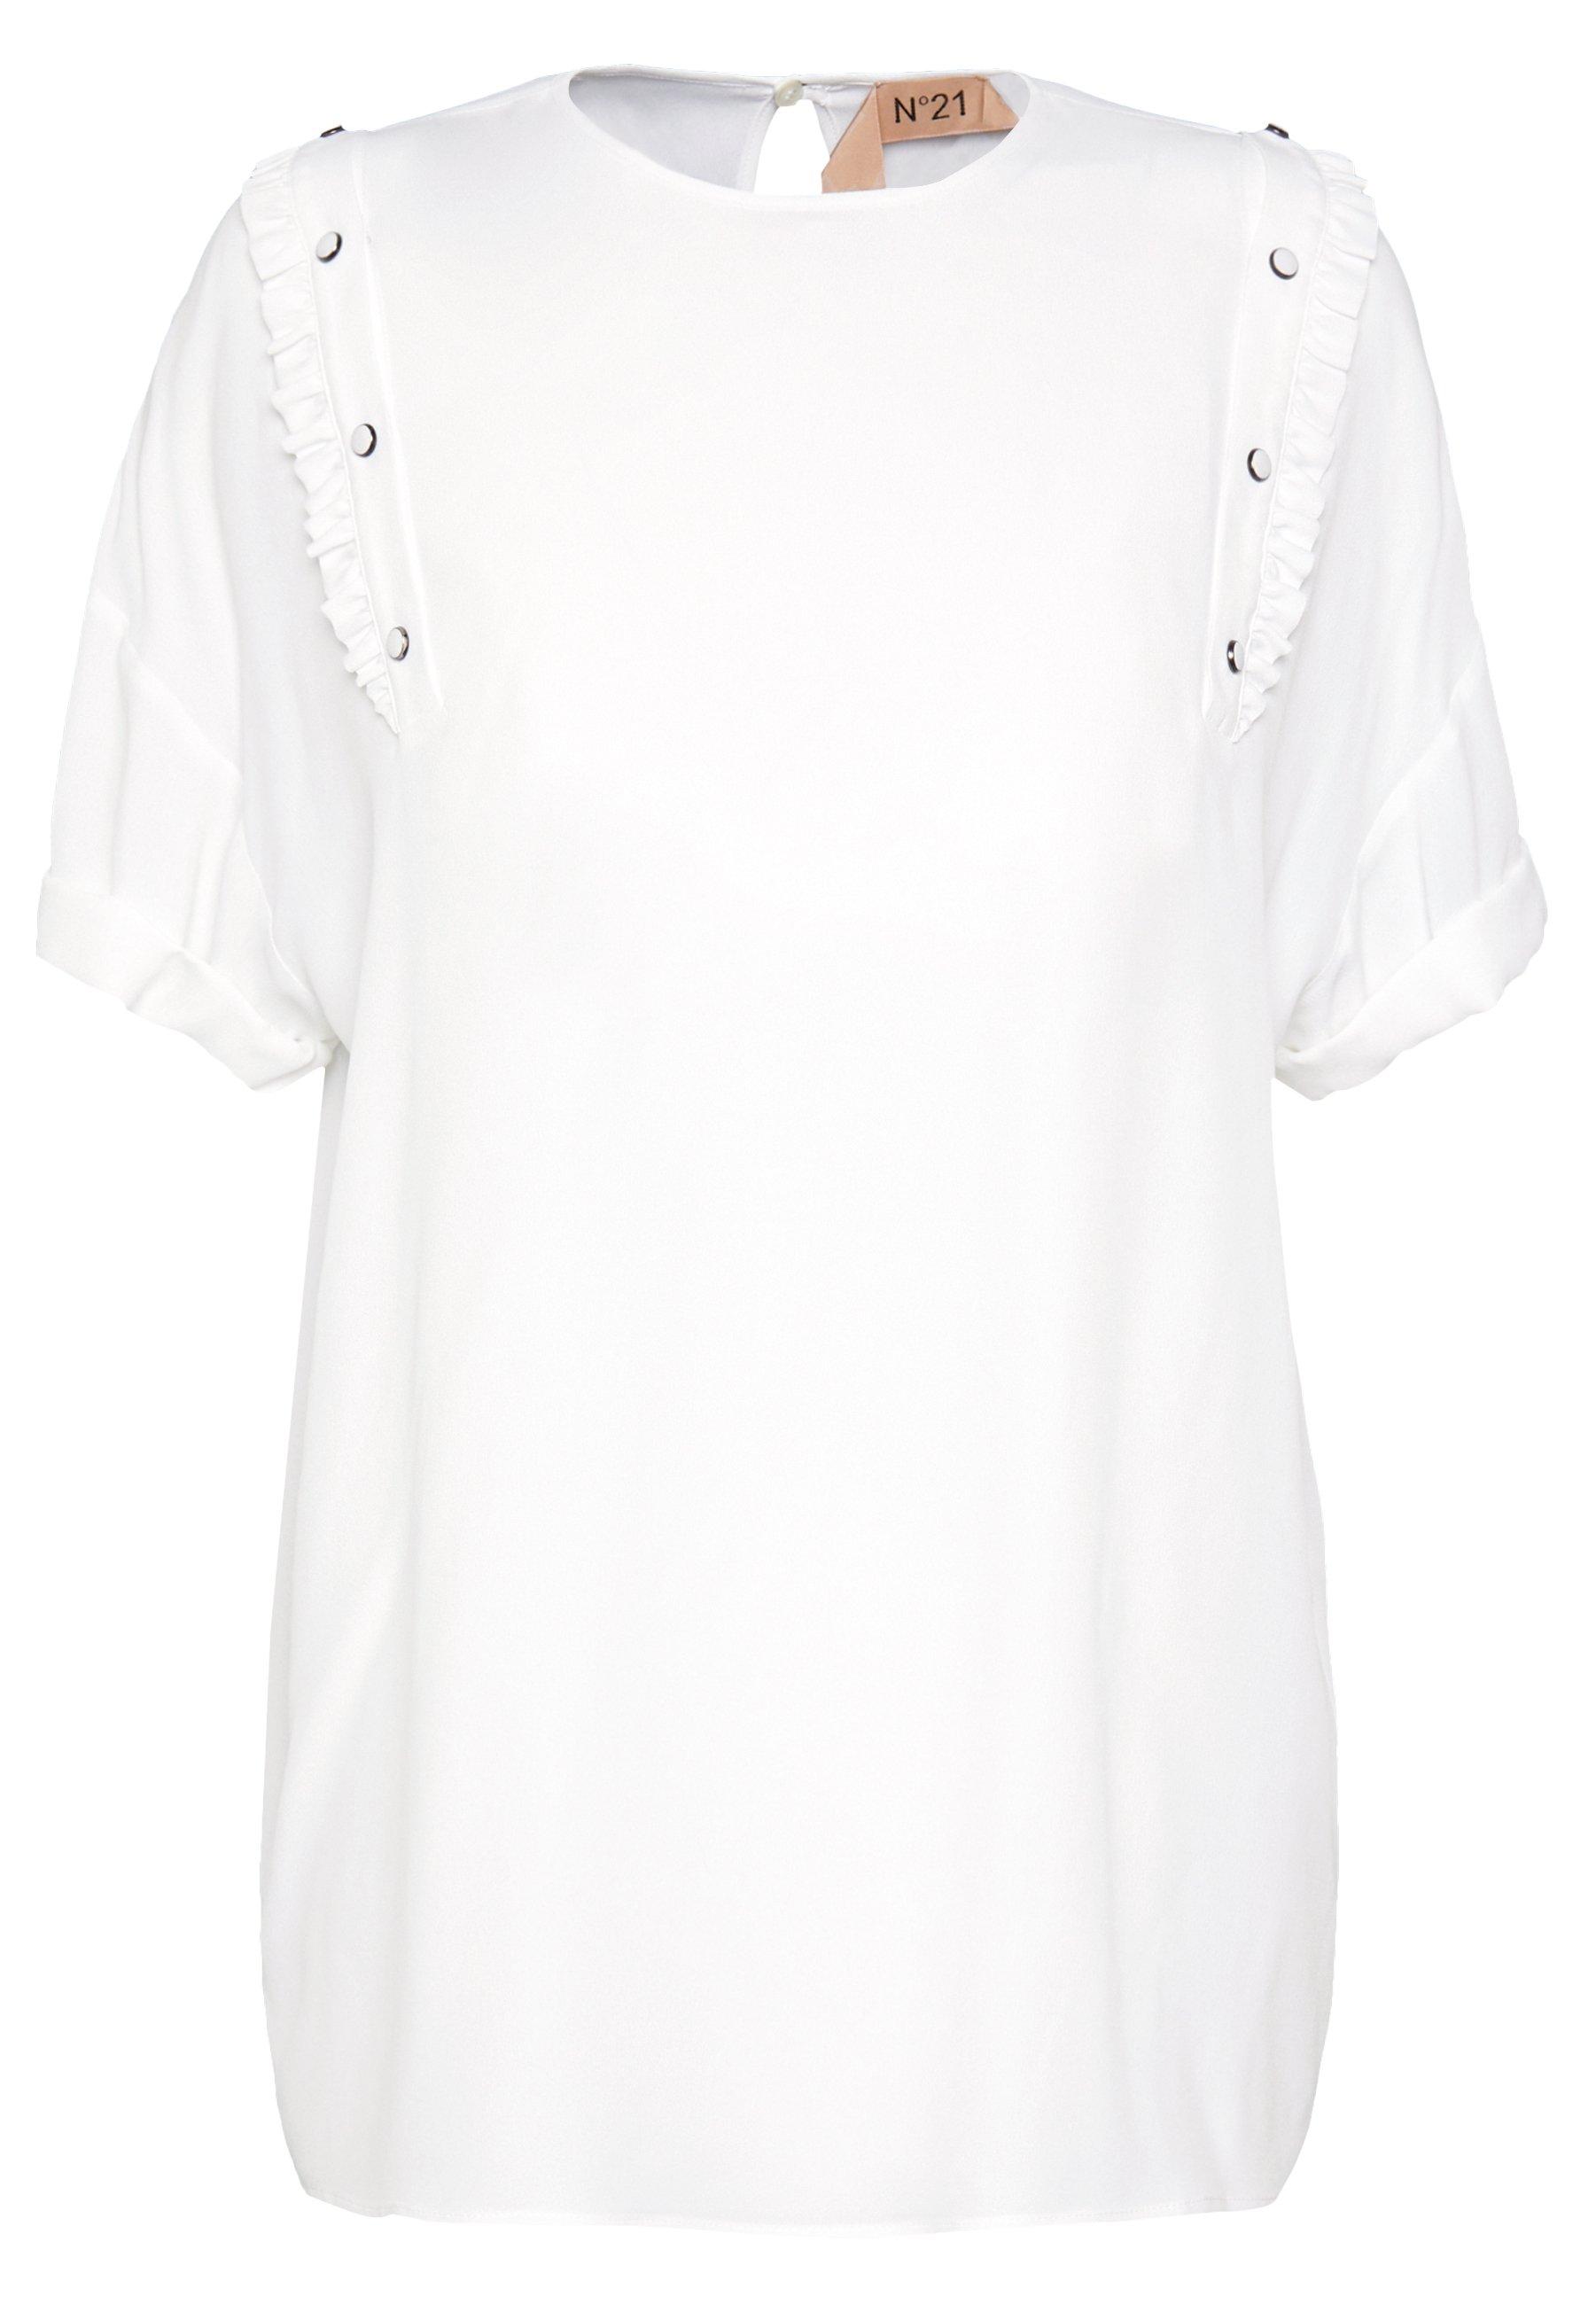 WHITE Shirt with logo  N21  Skjorter & bluser - Dameklær er billig